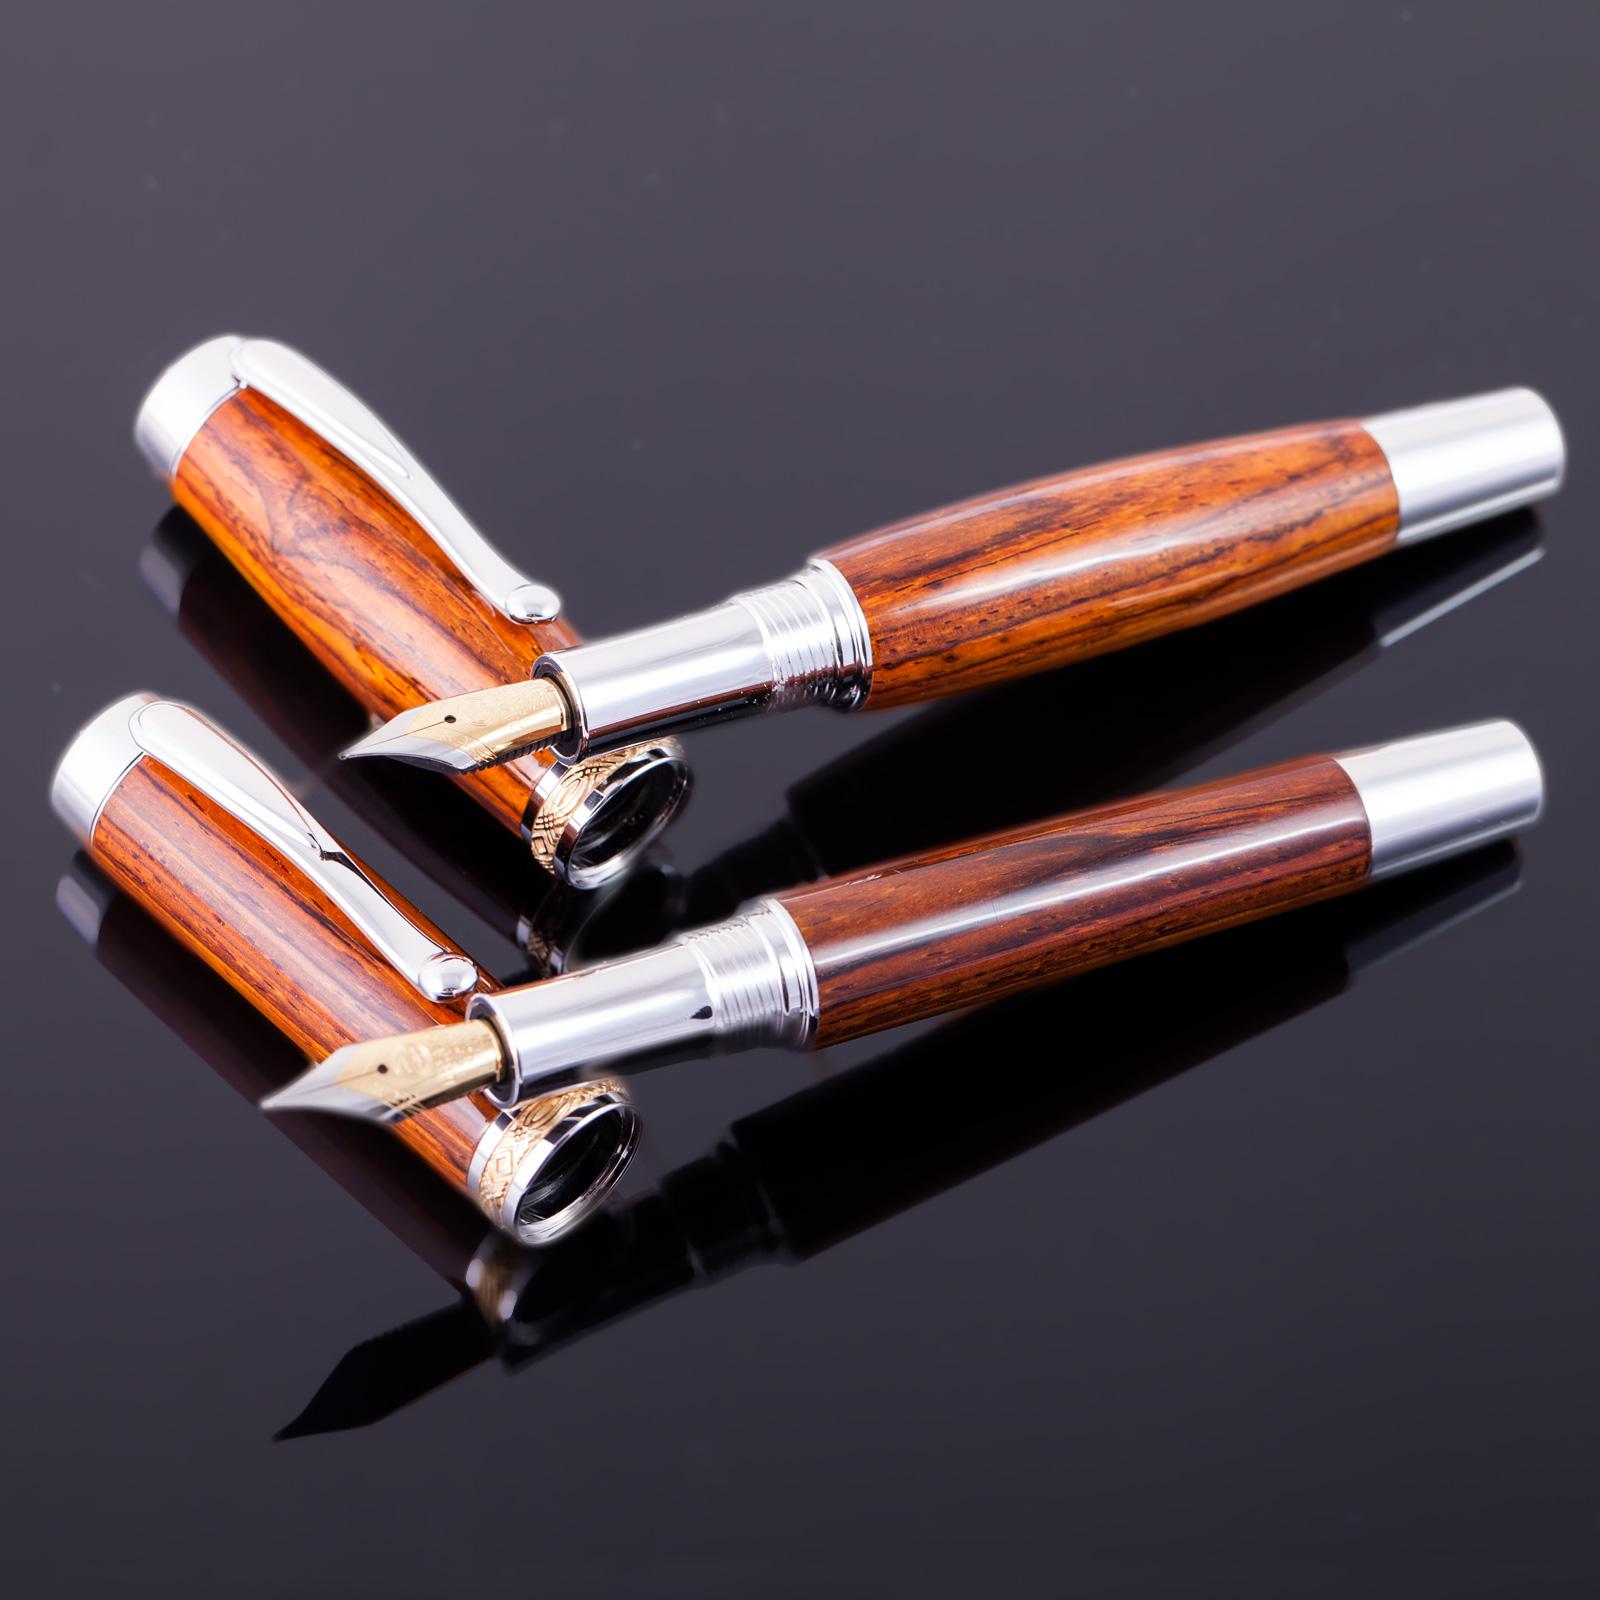 Füller-Holz-Cocobolo-Statesman-Feder-03